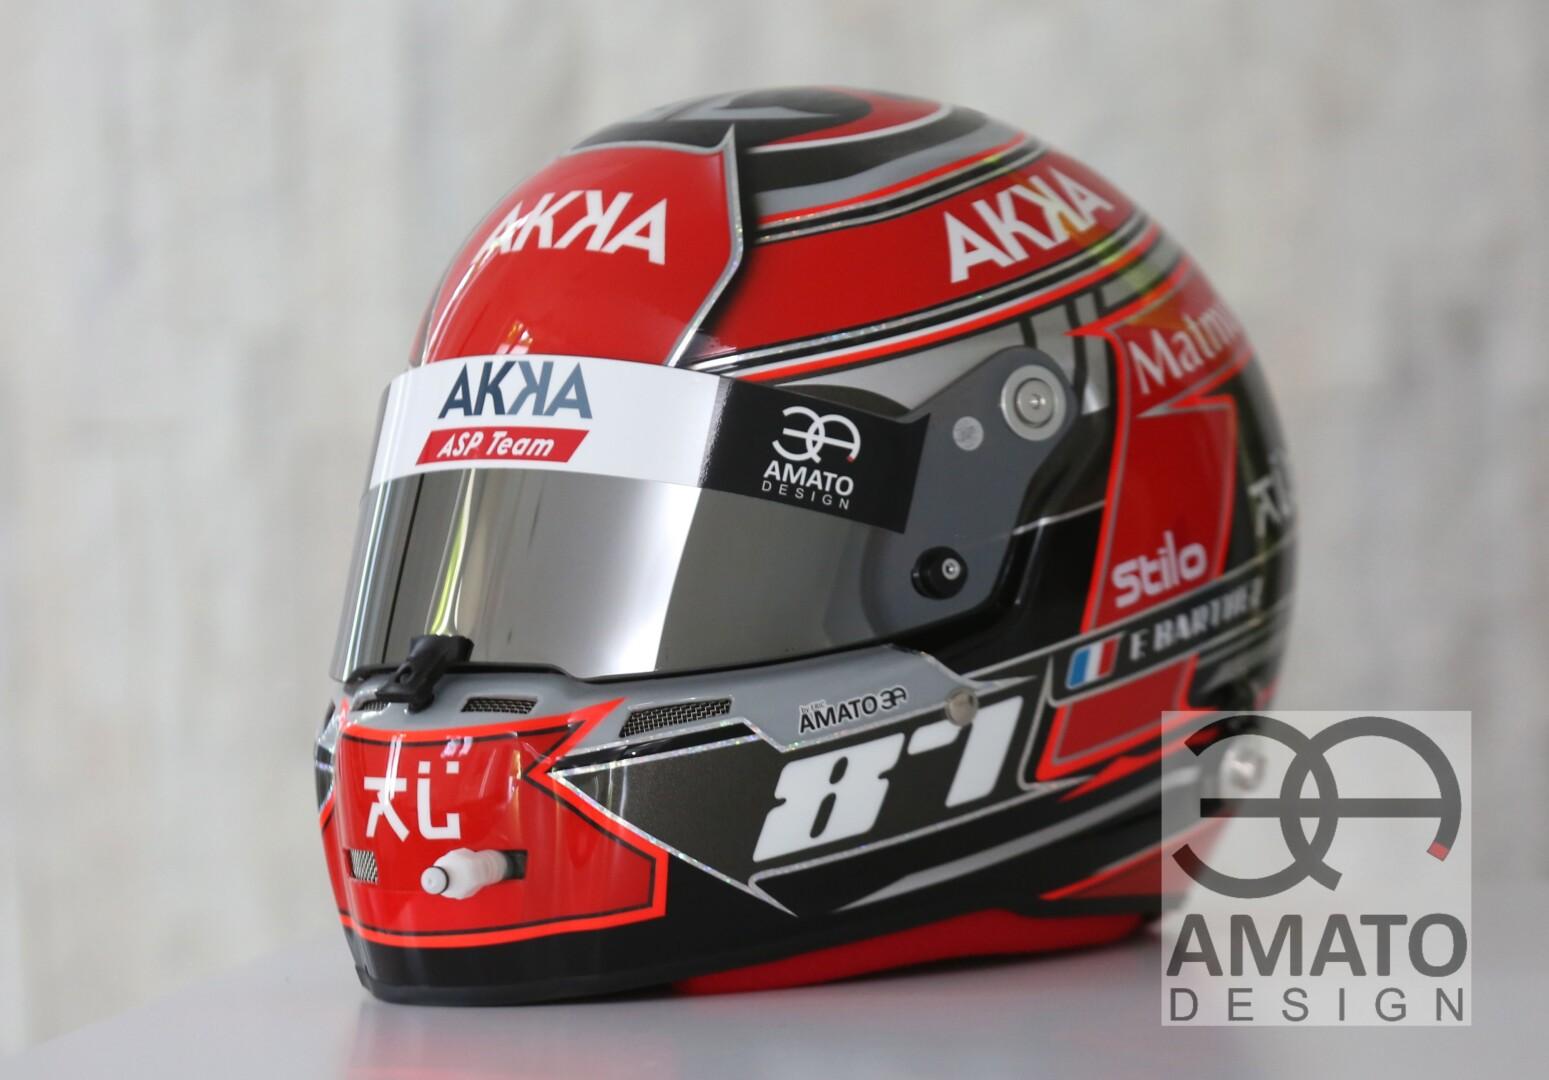 Casque conçu et réalisé par AMATO DESIGN pour le fameux pilote Fabien Barthez lors de la saison 2020.